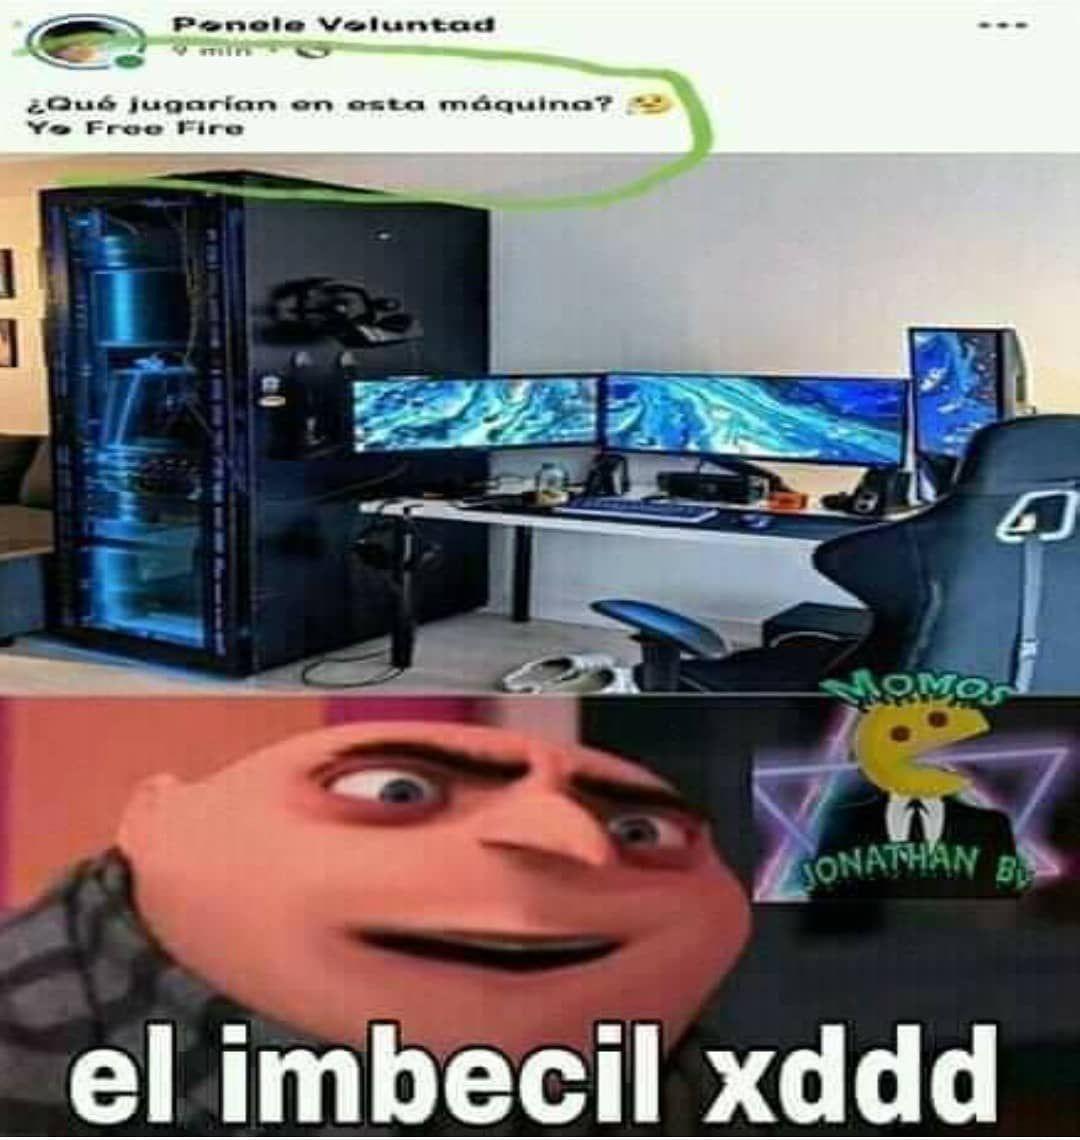 El imbecil xddd - meme